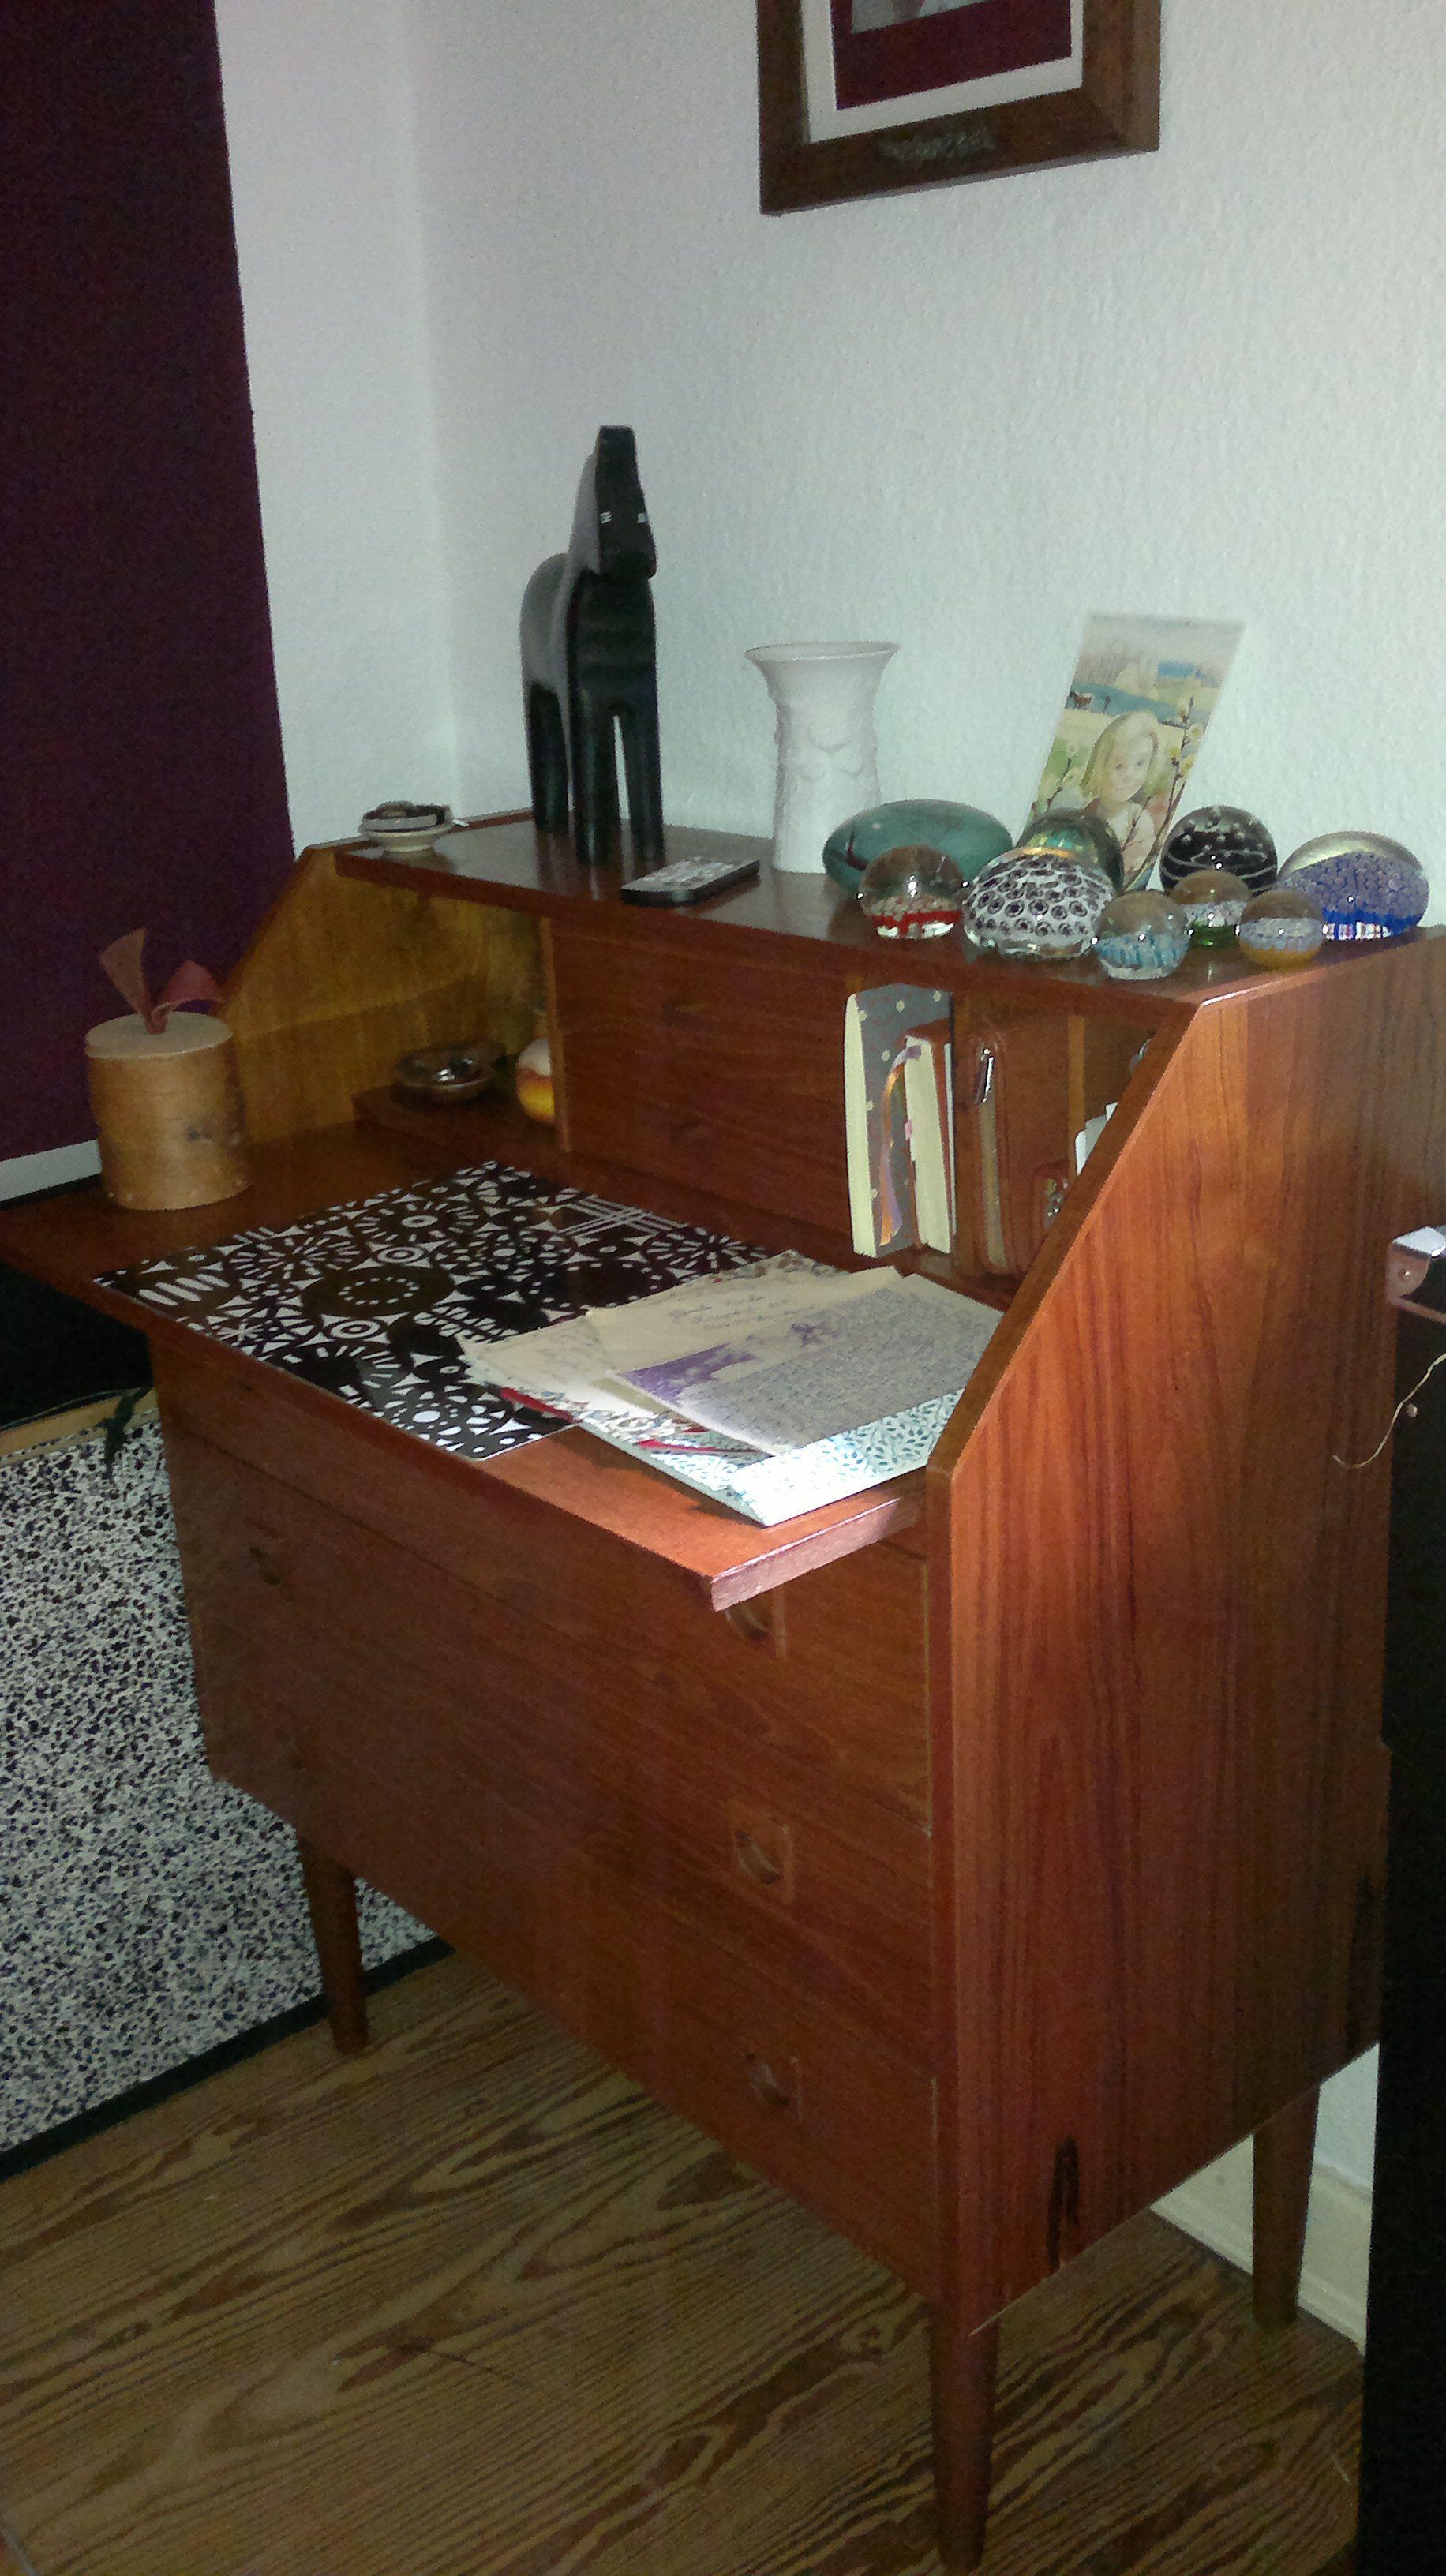 Schreibtisch oder Kommode?